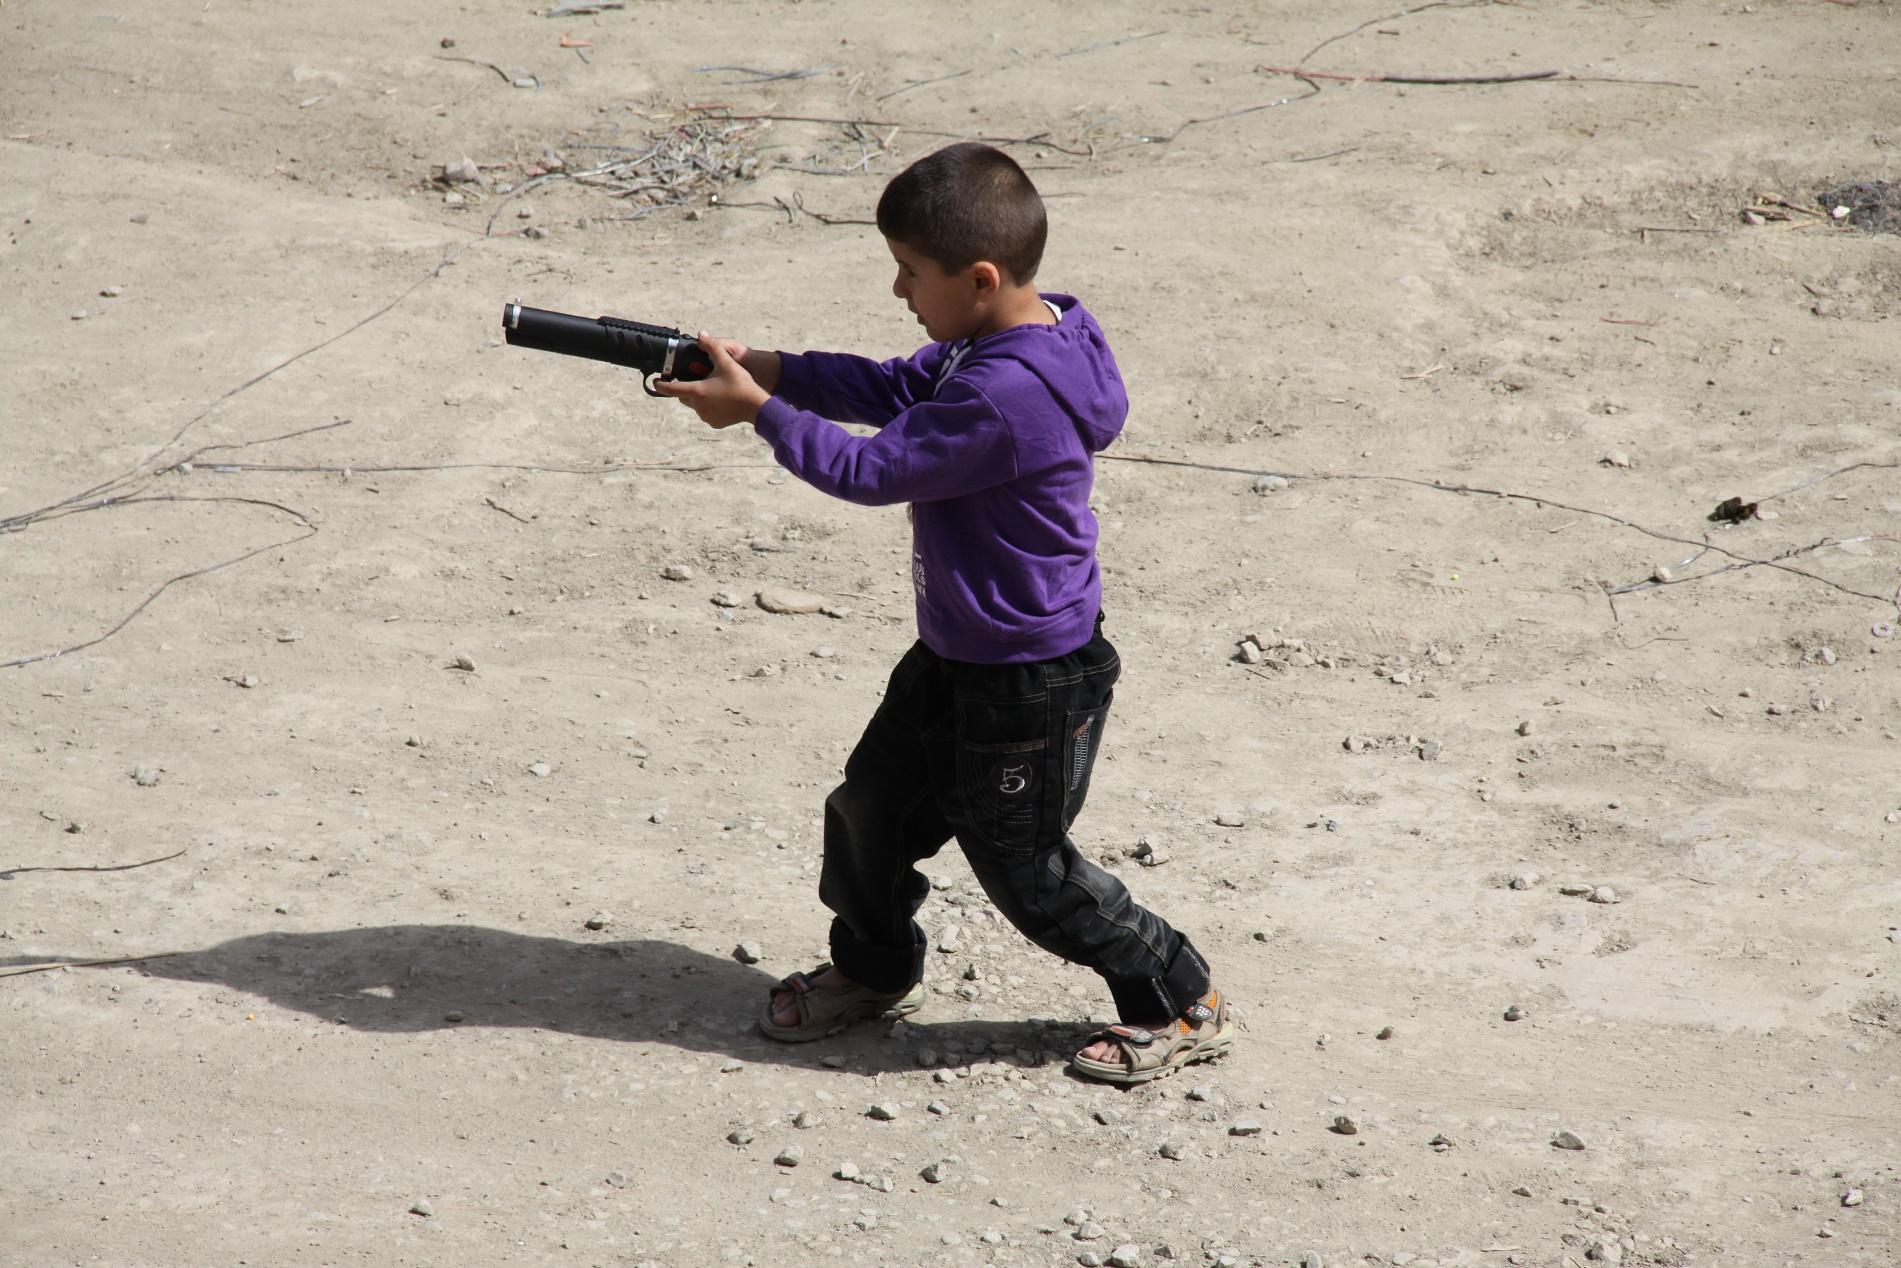 Jovem brinca com um arma de brinquedo no Afeganistão. Acabar com a banalização da violência é dos grandes desafios dos Objetivos do Desenvolvimento Sustentável (ODS)